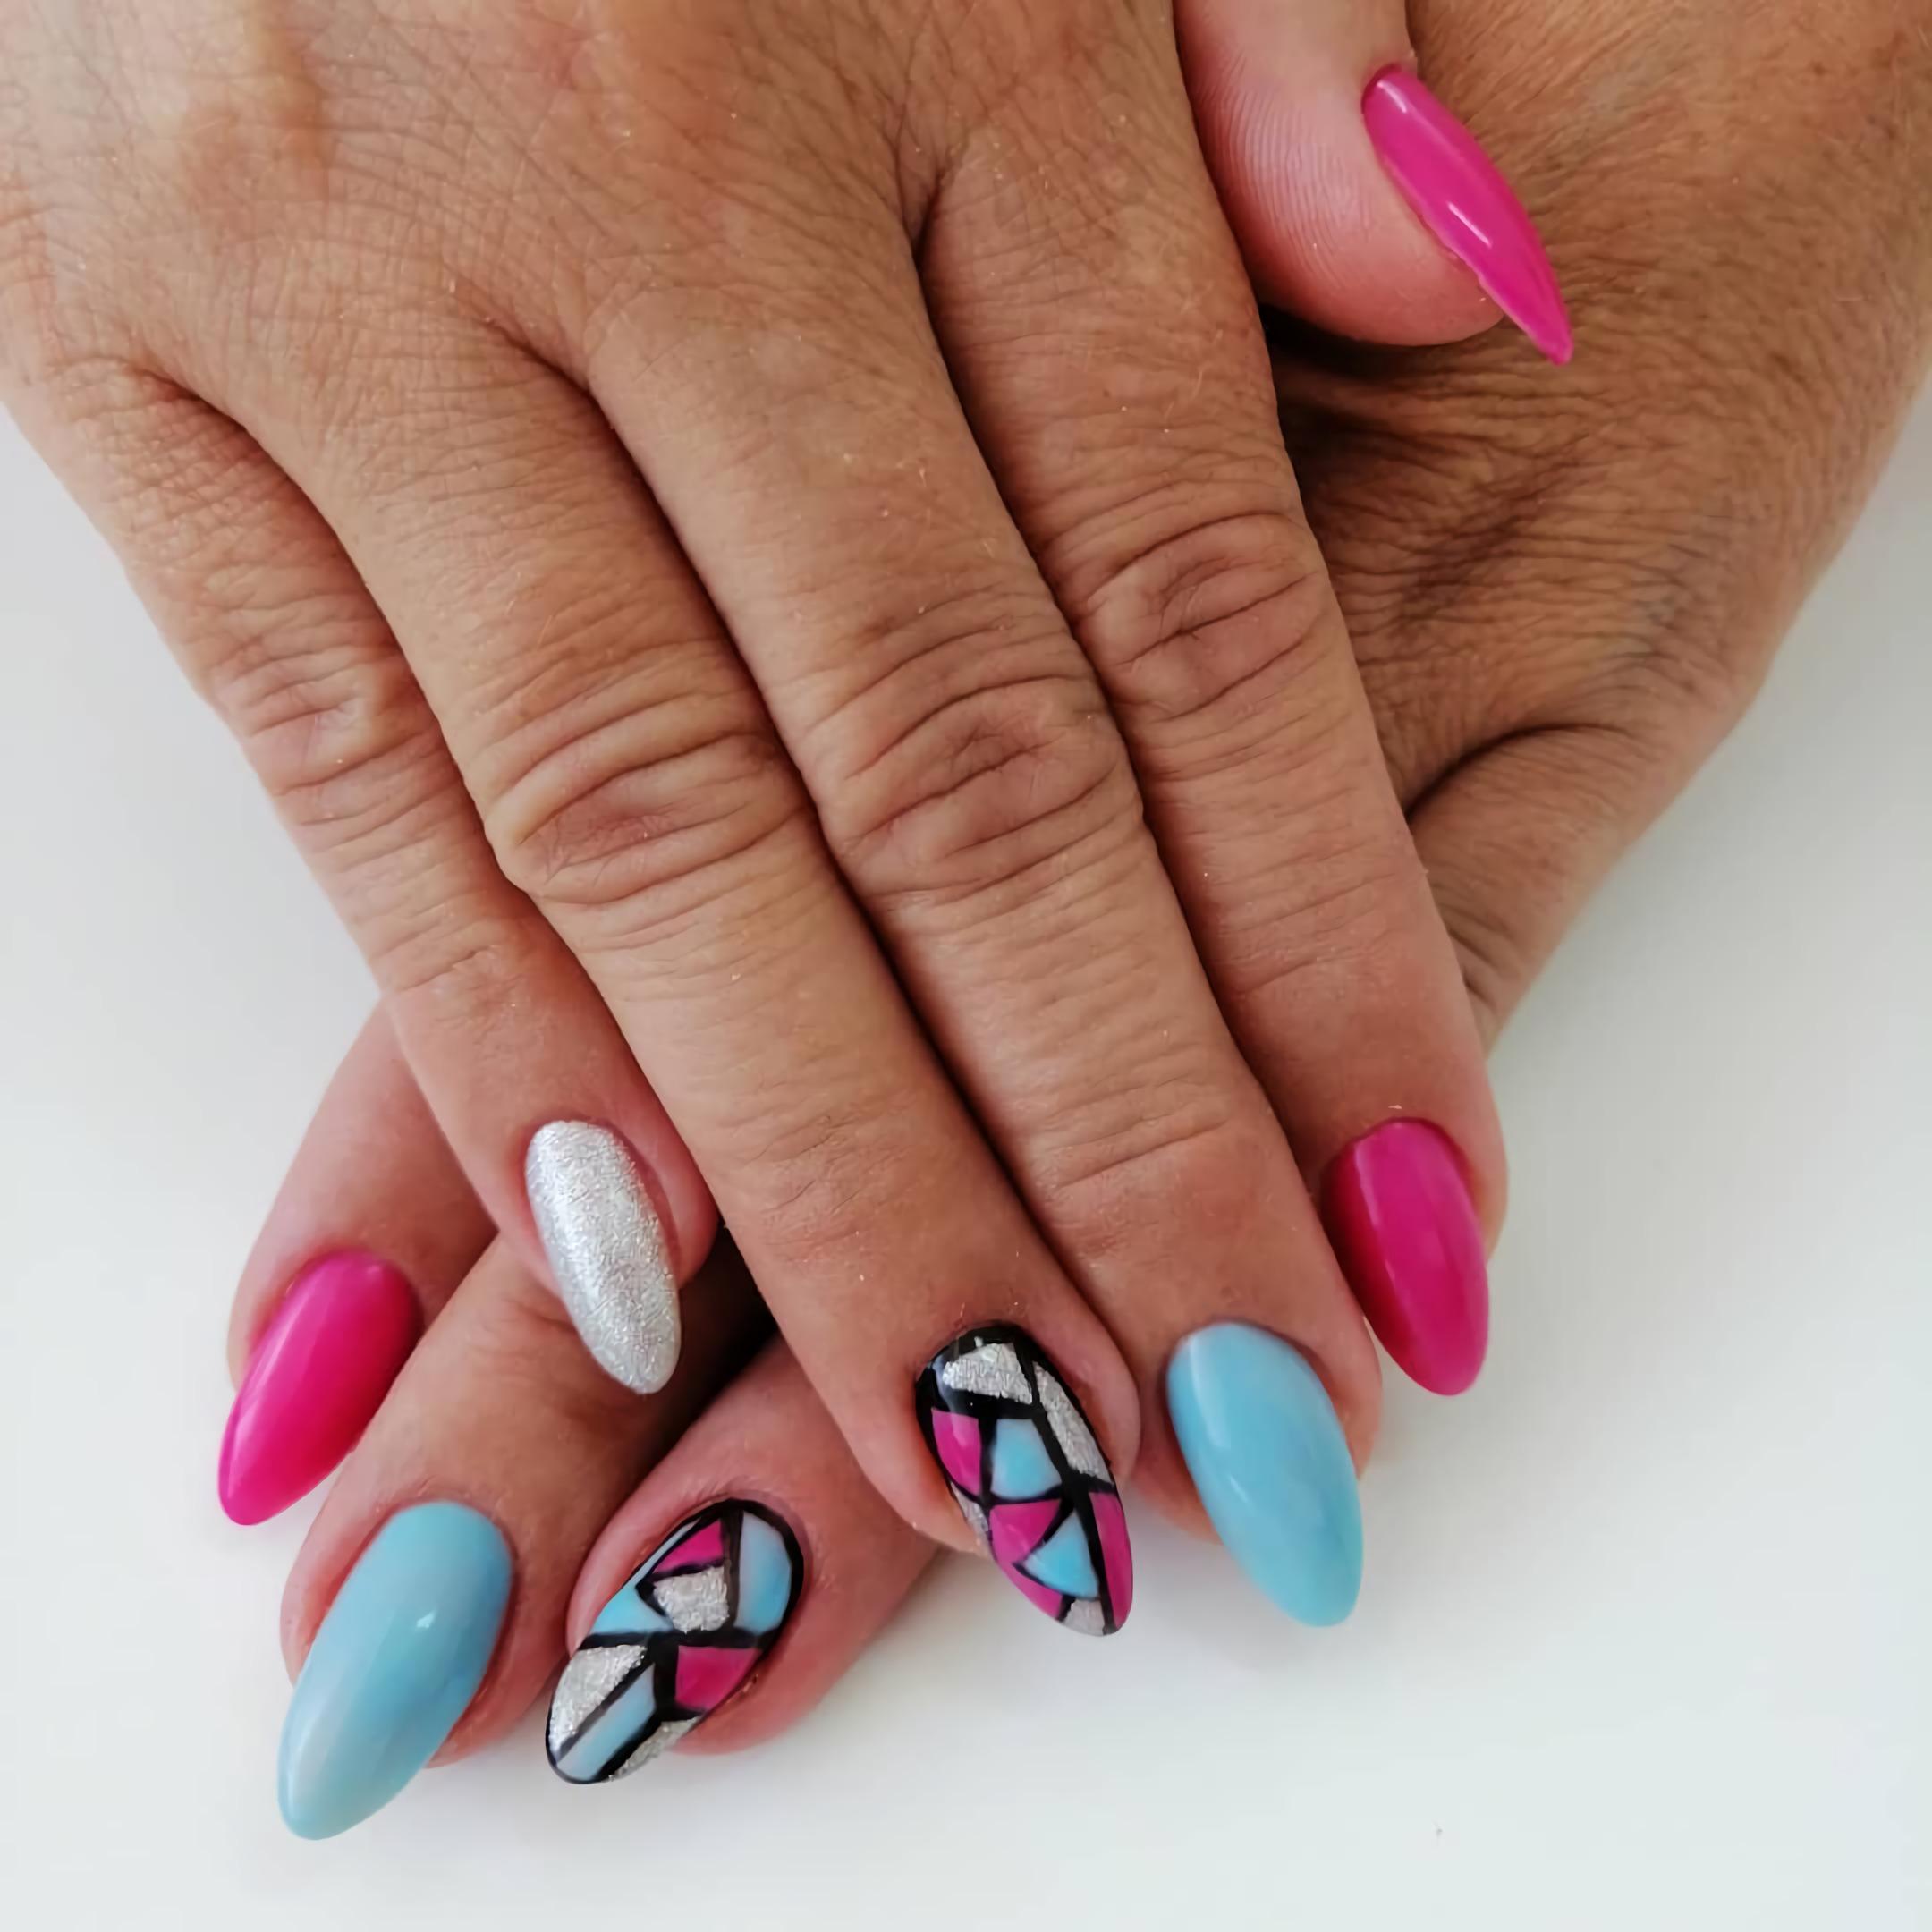 синие, красные, белые геометрические короткие ногти